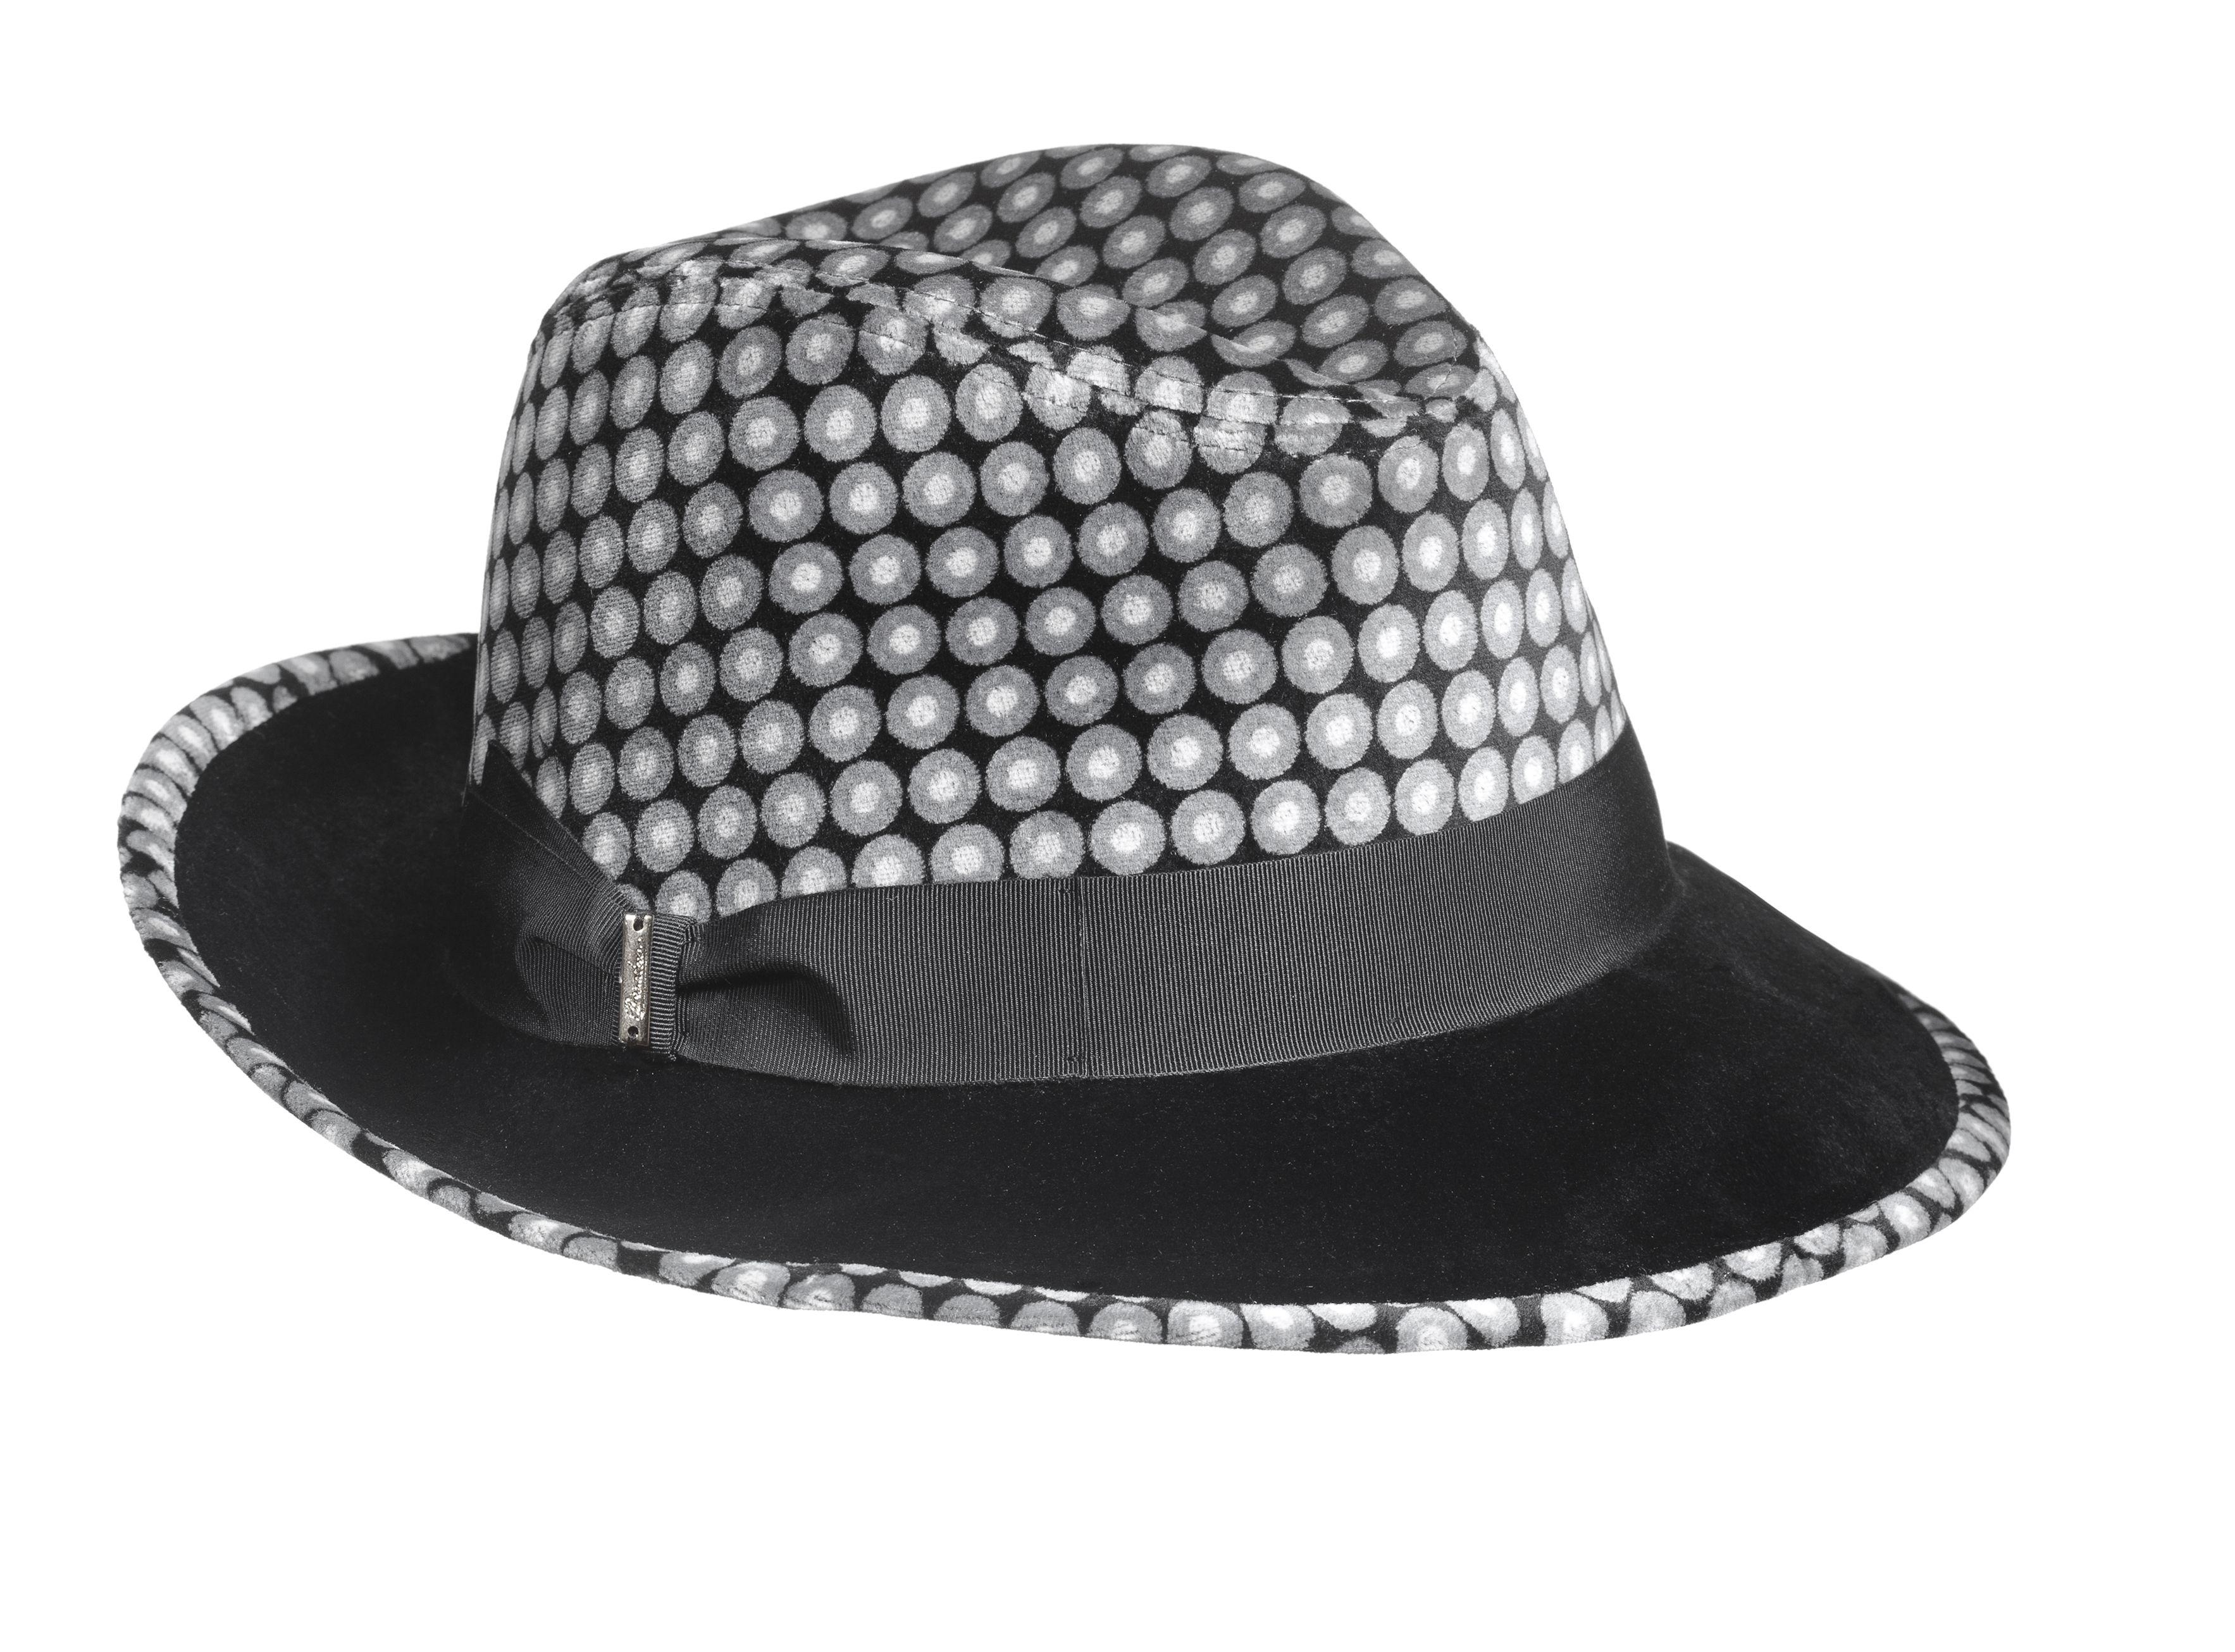 Borsalino cappello in tessuto optical forma borsalino ala media a